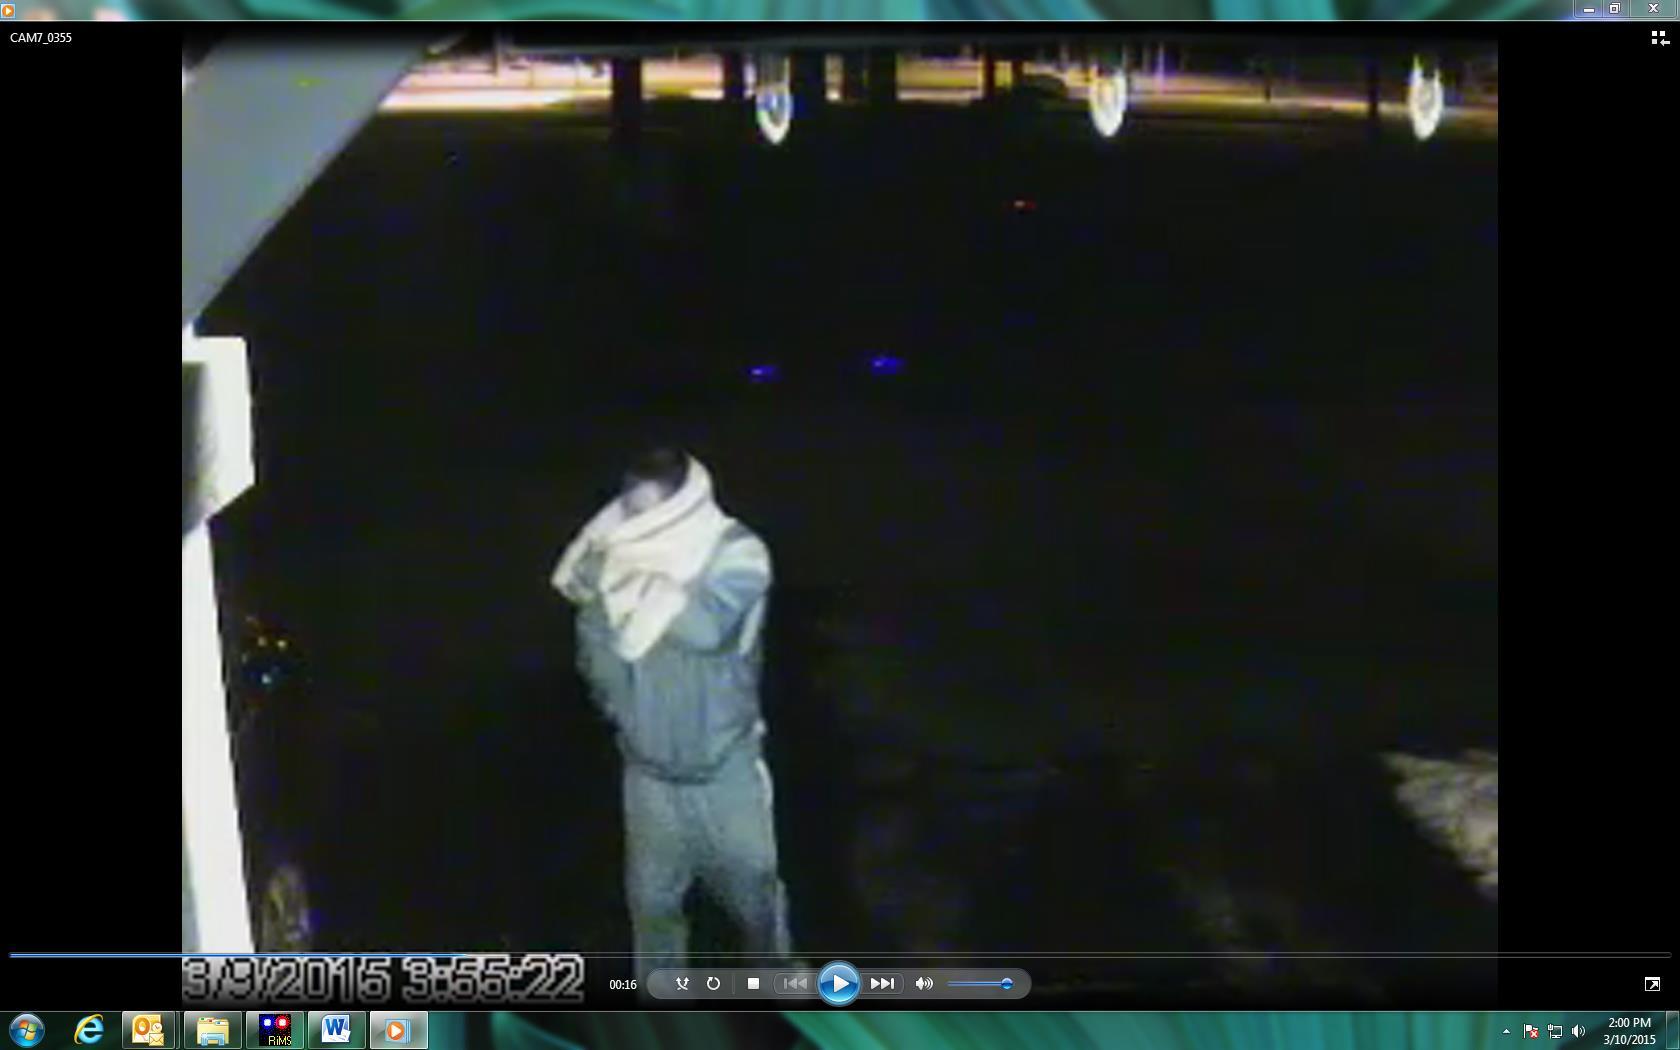 459 suspect parking lot